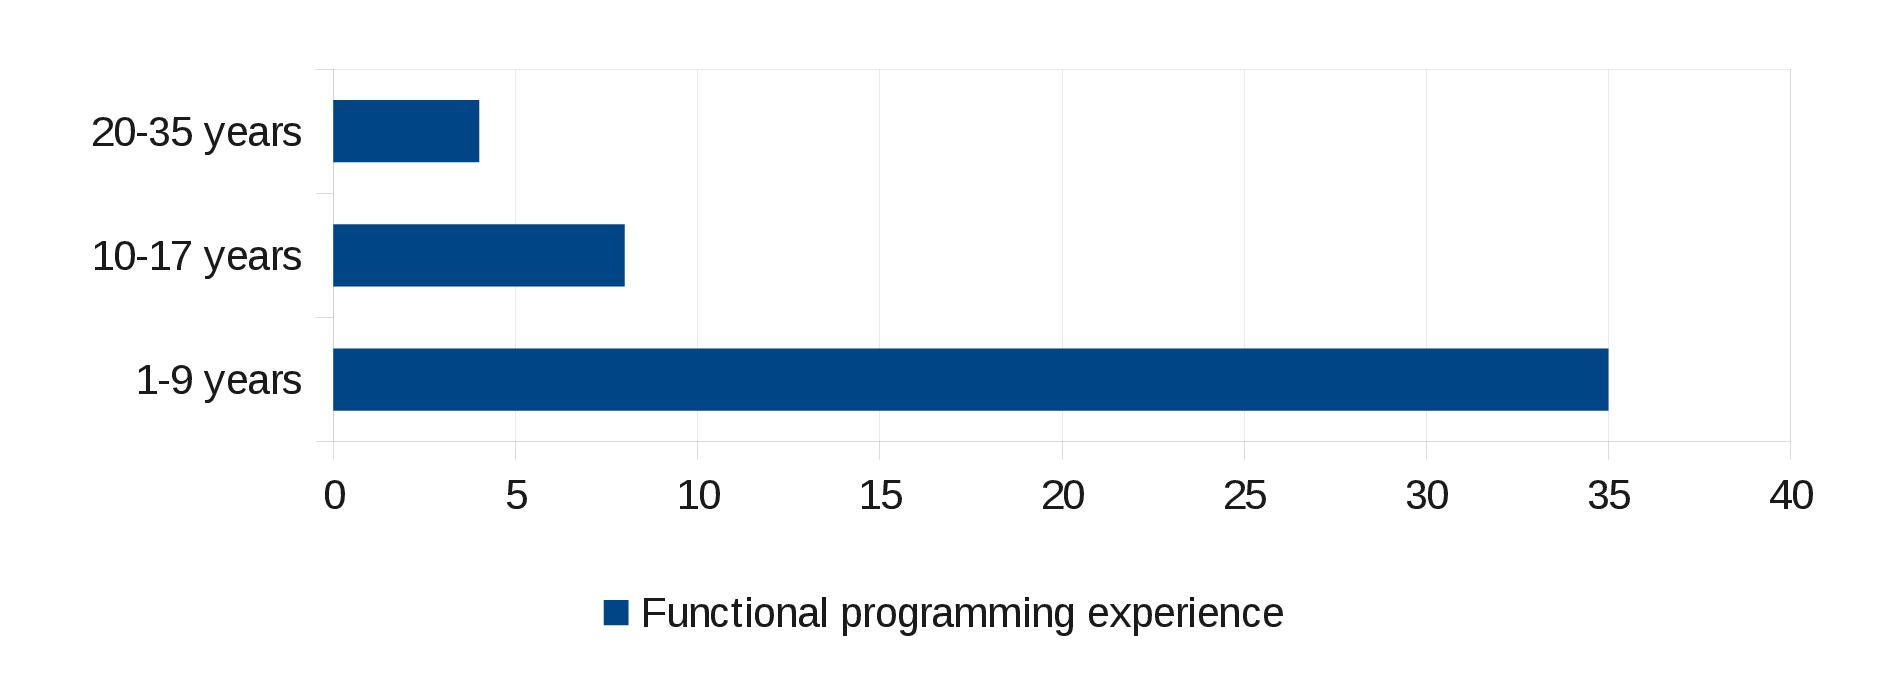 Results of the CHICKEN Survey 2011 - The CHICKEN Scheme wiki